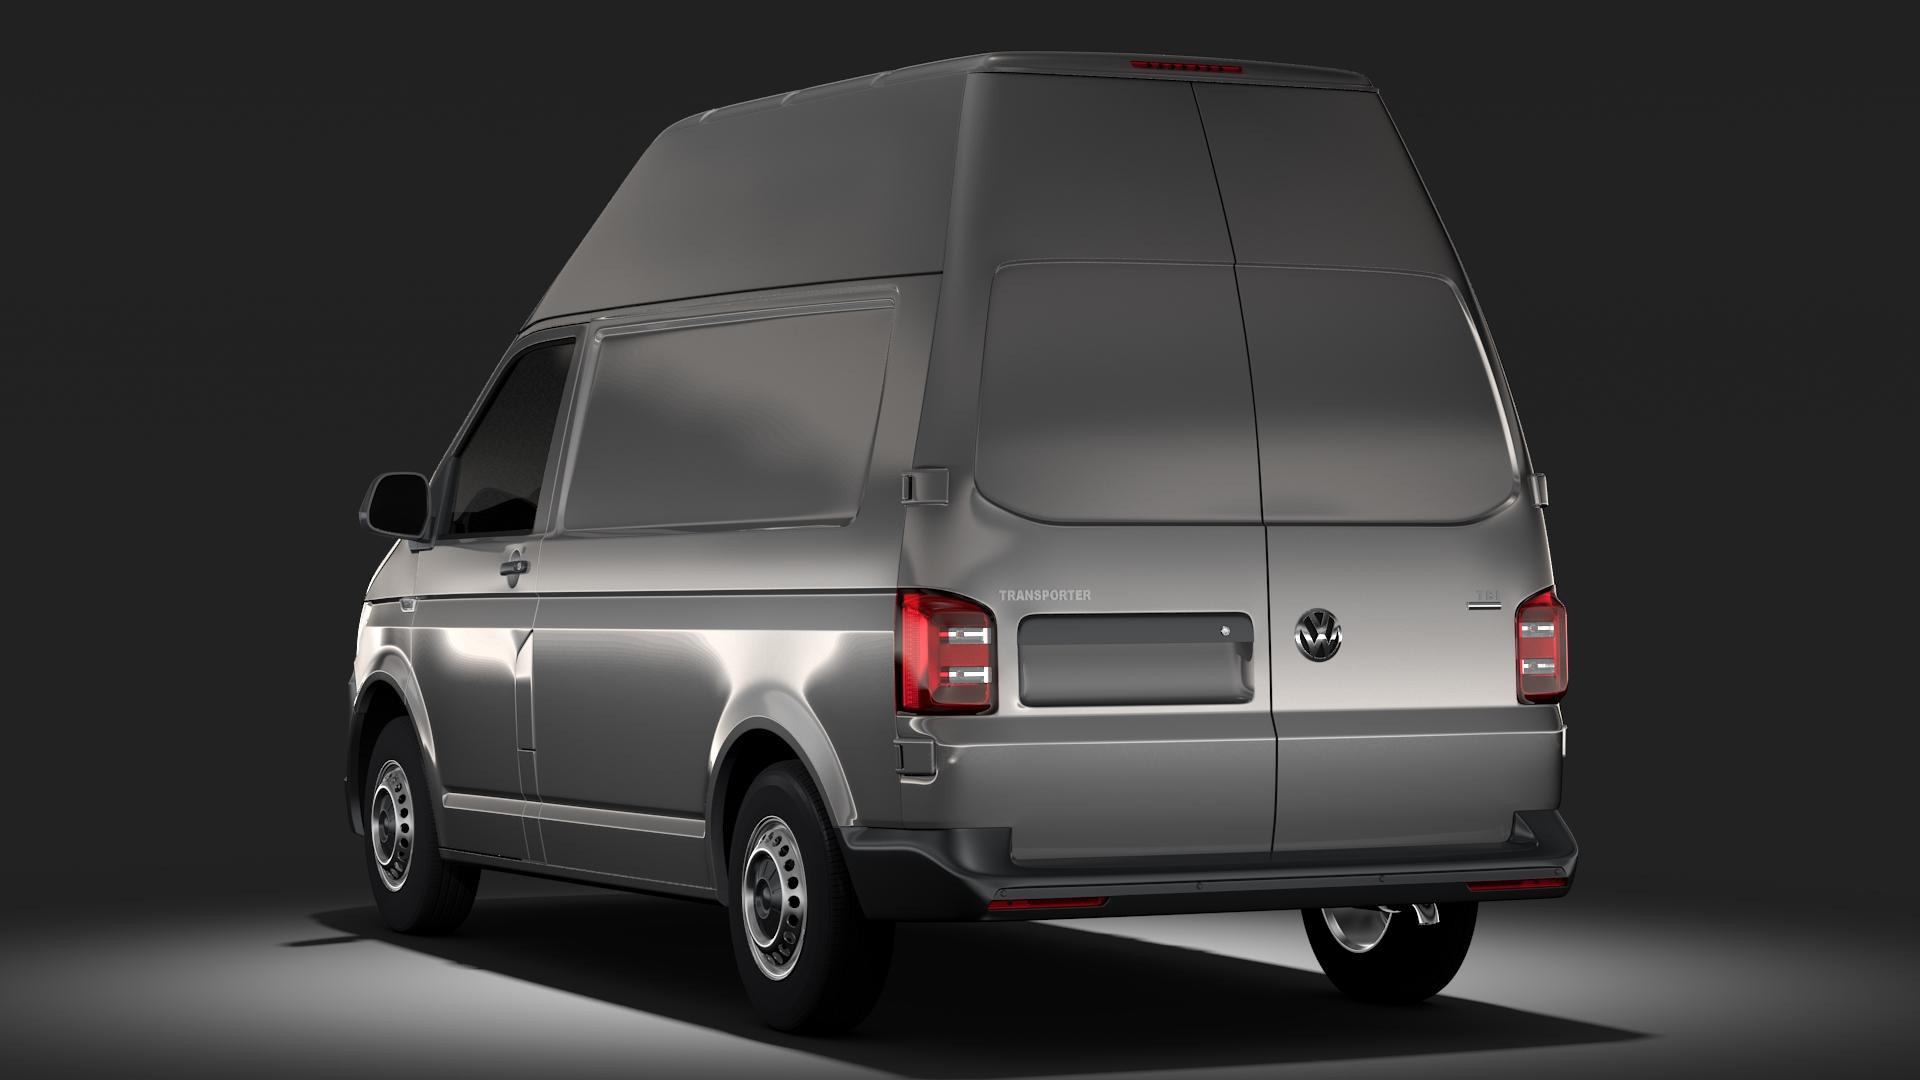 volkswagen transporter van l1h3 t6 2017 3d model. Black Bedroom Furniture Sets. Home Design Ideas